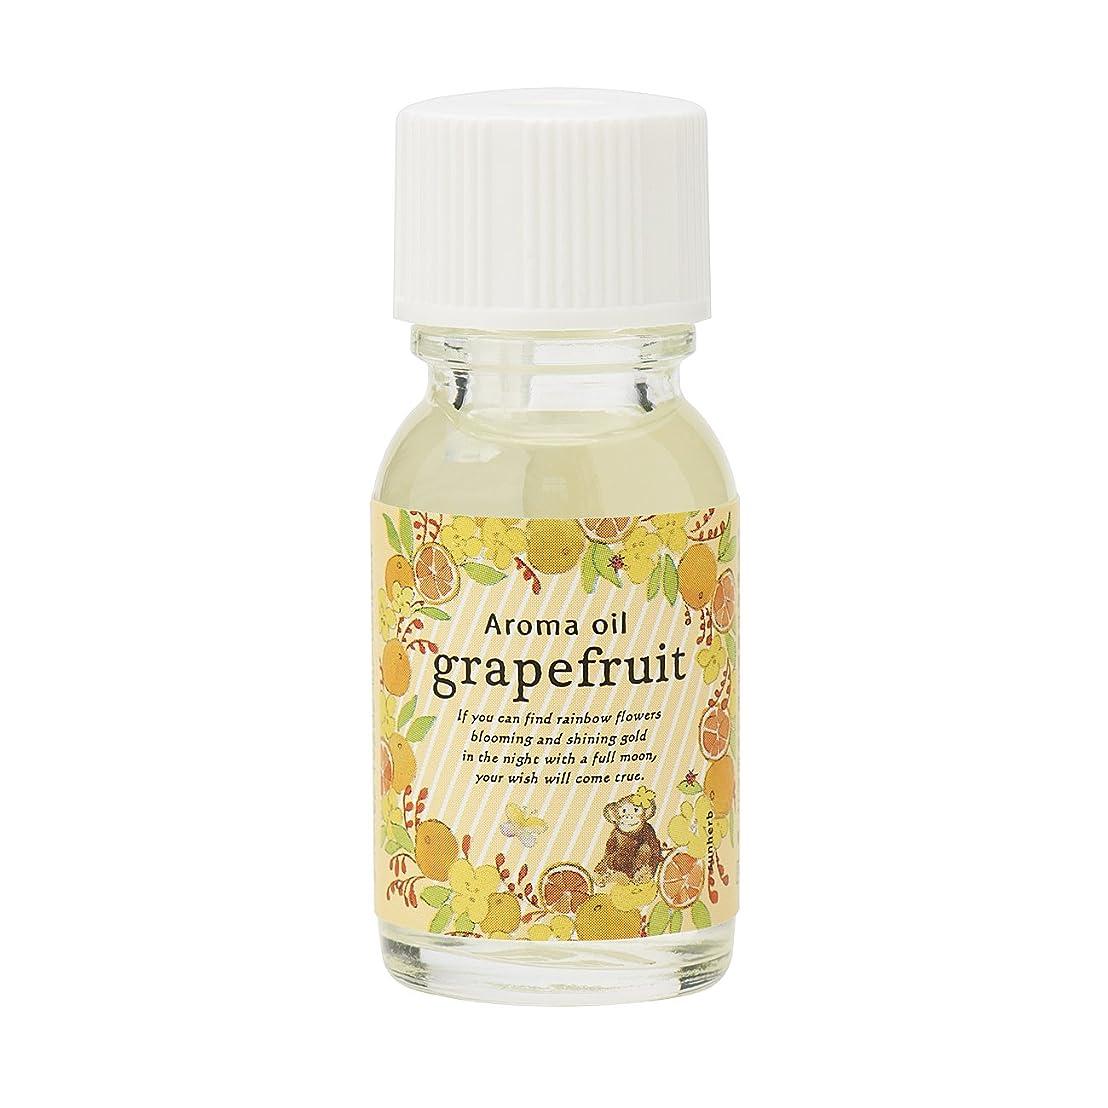 とティームシーフード遠近法サンハーブ アロマオイル グレープフルーツ 13ml(シャキっとまぶしい柑橘系の香り)